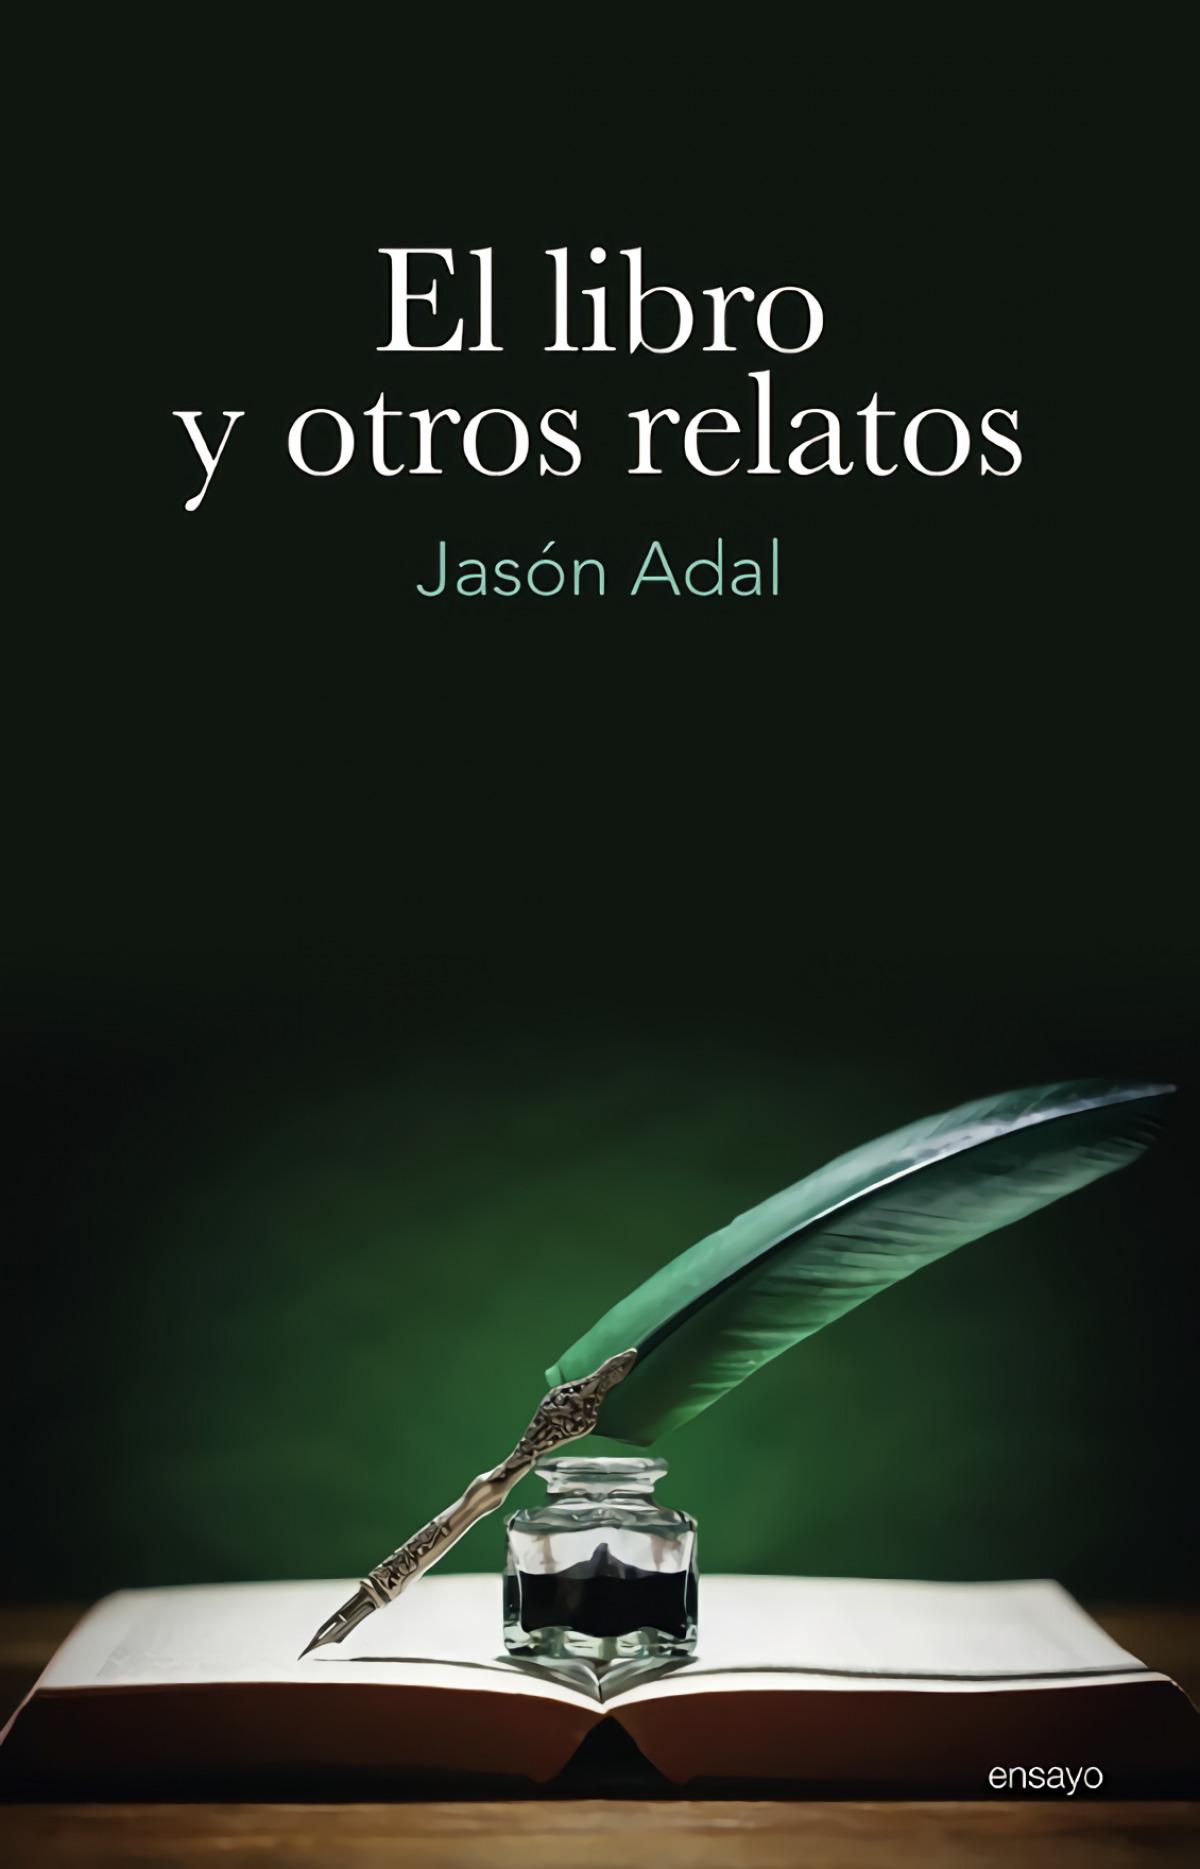 El libro y otros relatos